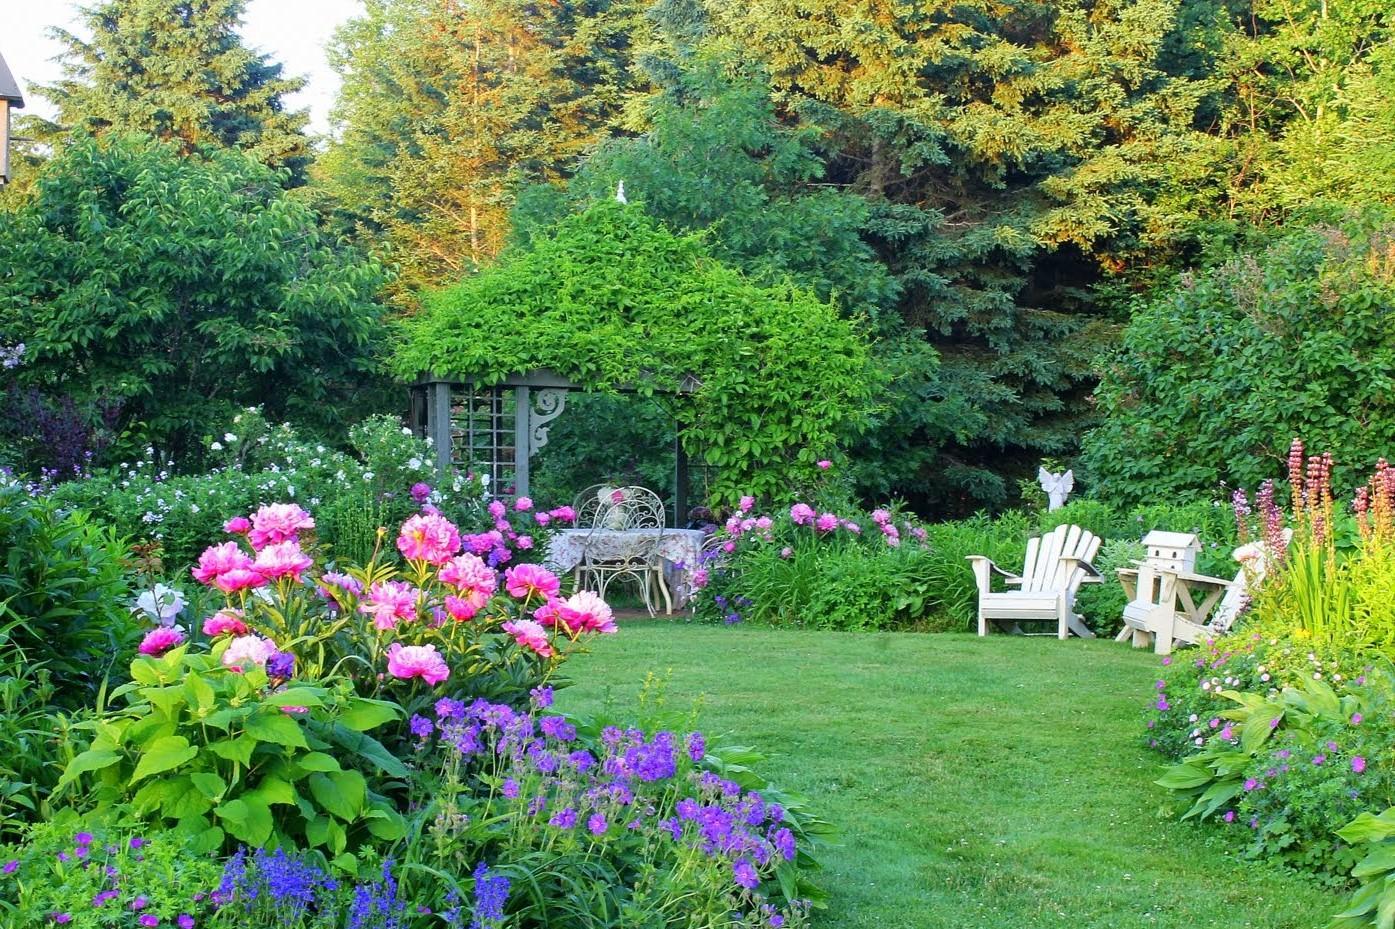 Záhrada,ktorá ťa nikdy neomrzí...divoká a krásna - Obrázok č. 66